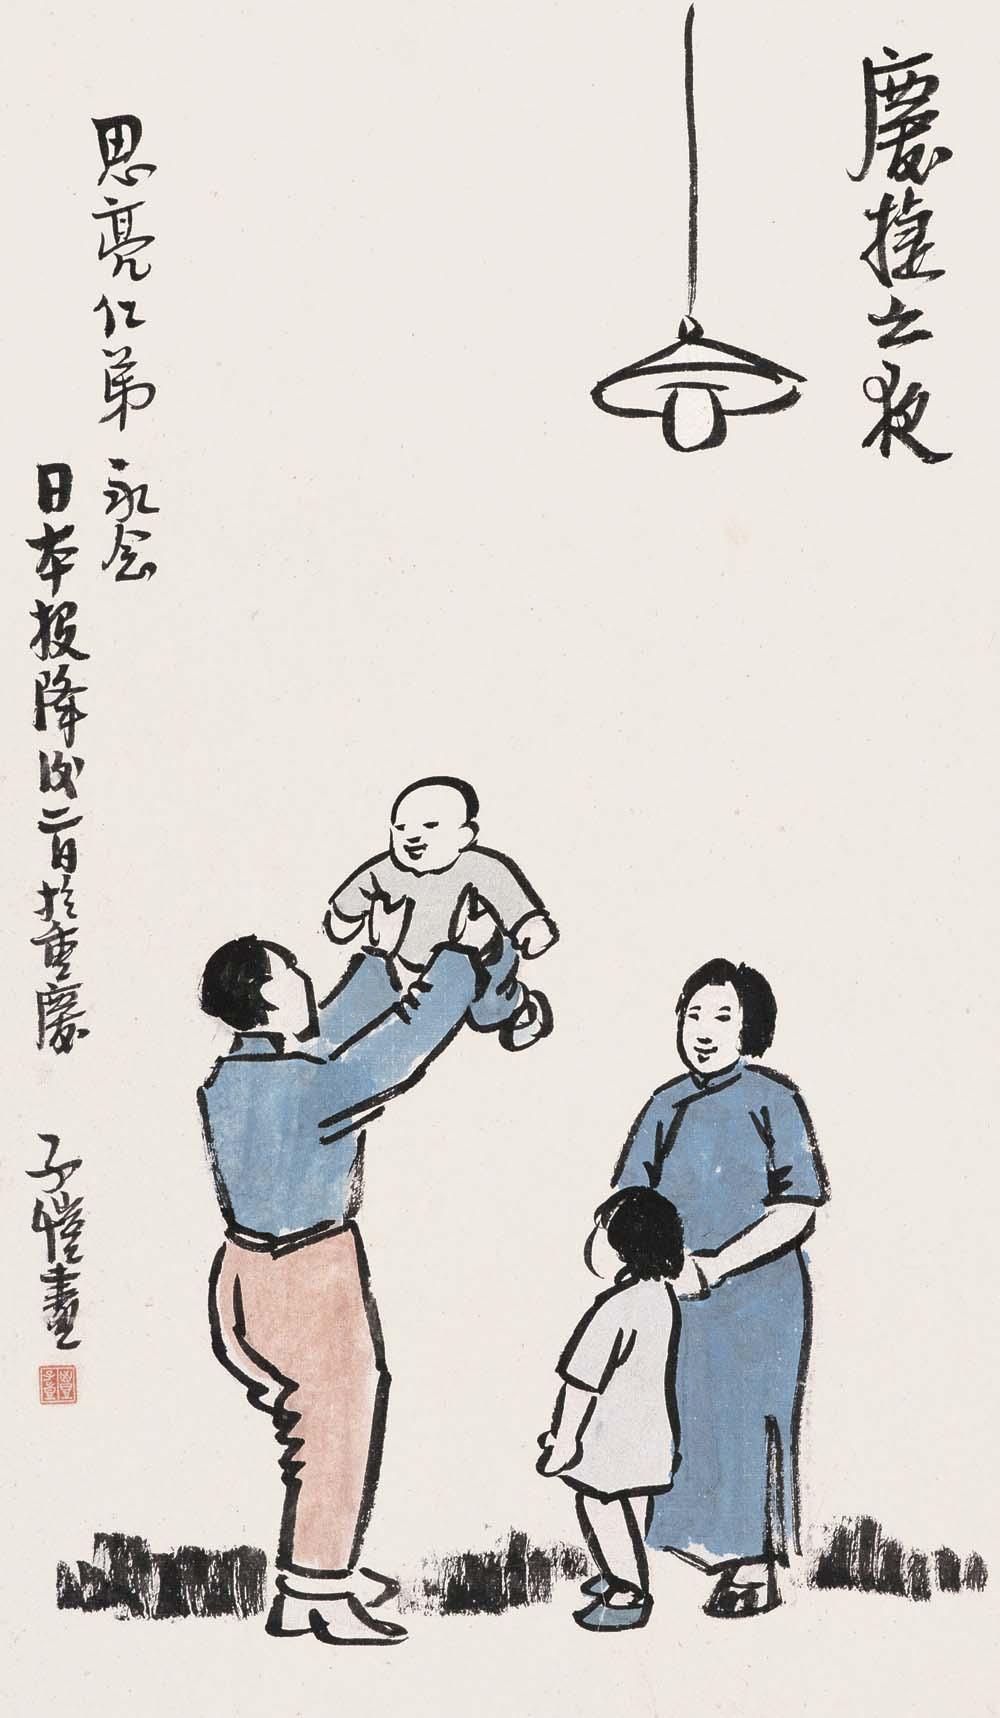 丰子恺_丰子恺作品欣赏_豆沙包漫画_新浪博客